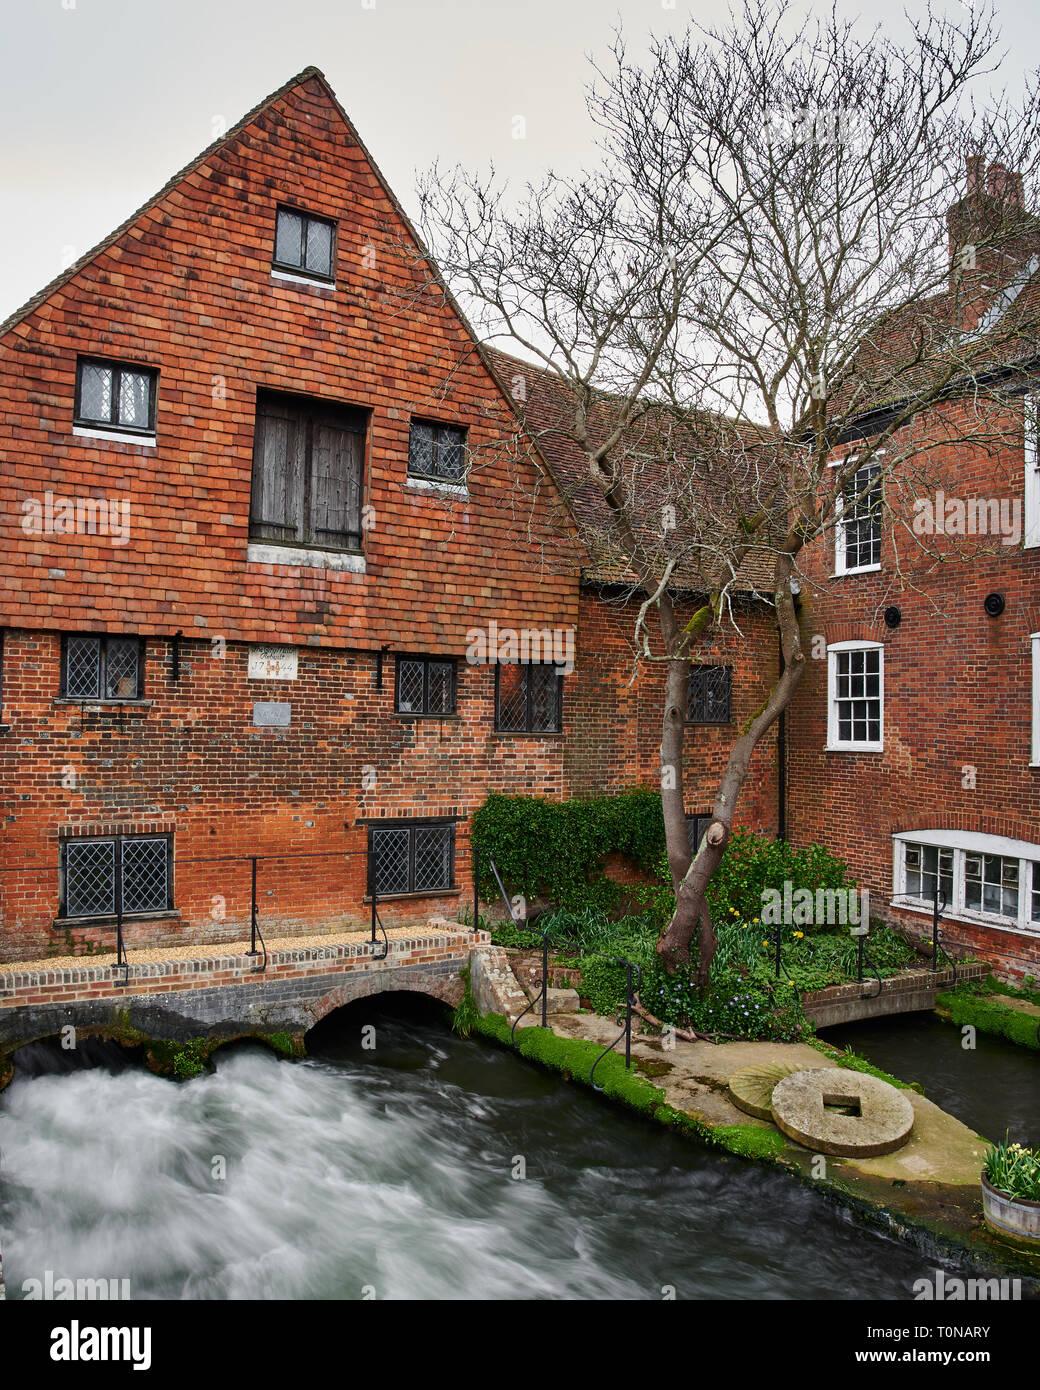 Die schnell fließenden Fluss Itchen unter historischen Winchester Stadt Wassermühle. Lange Belichtung Foto der Mächtige Wasser fließen zu erfassen. Stockbild